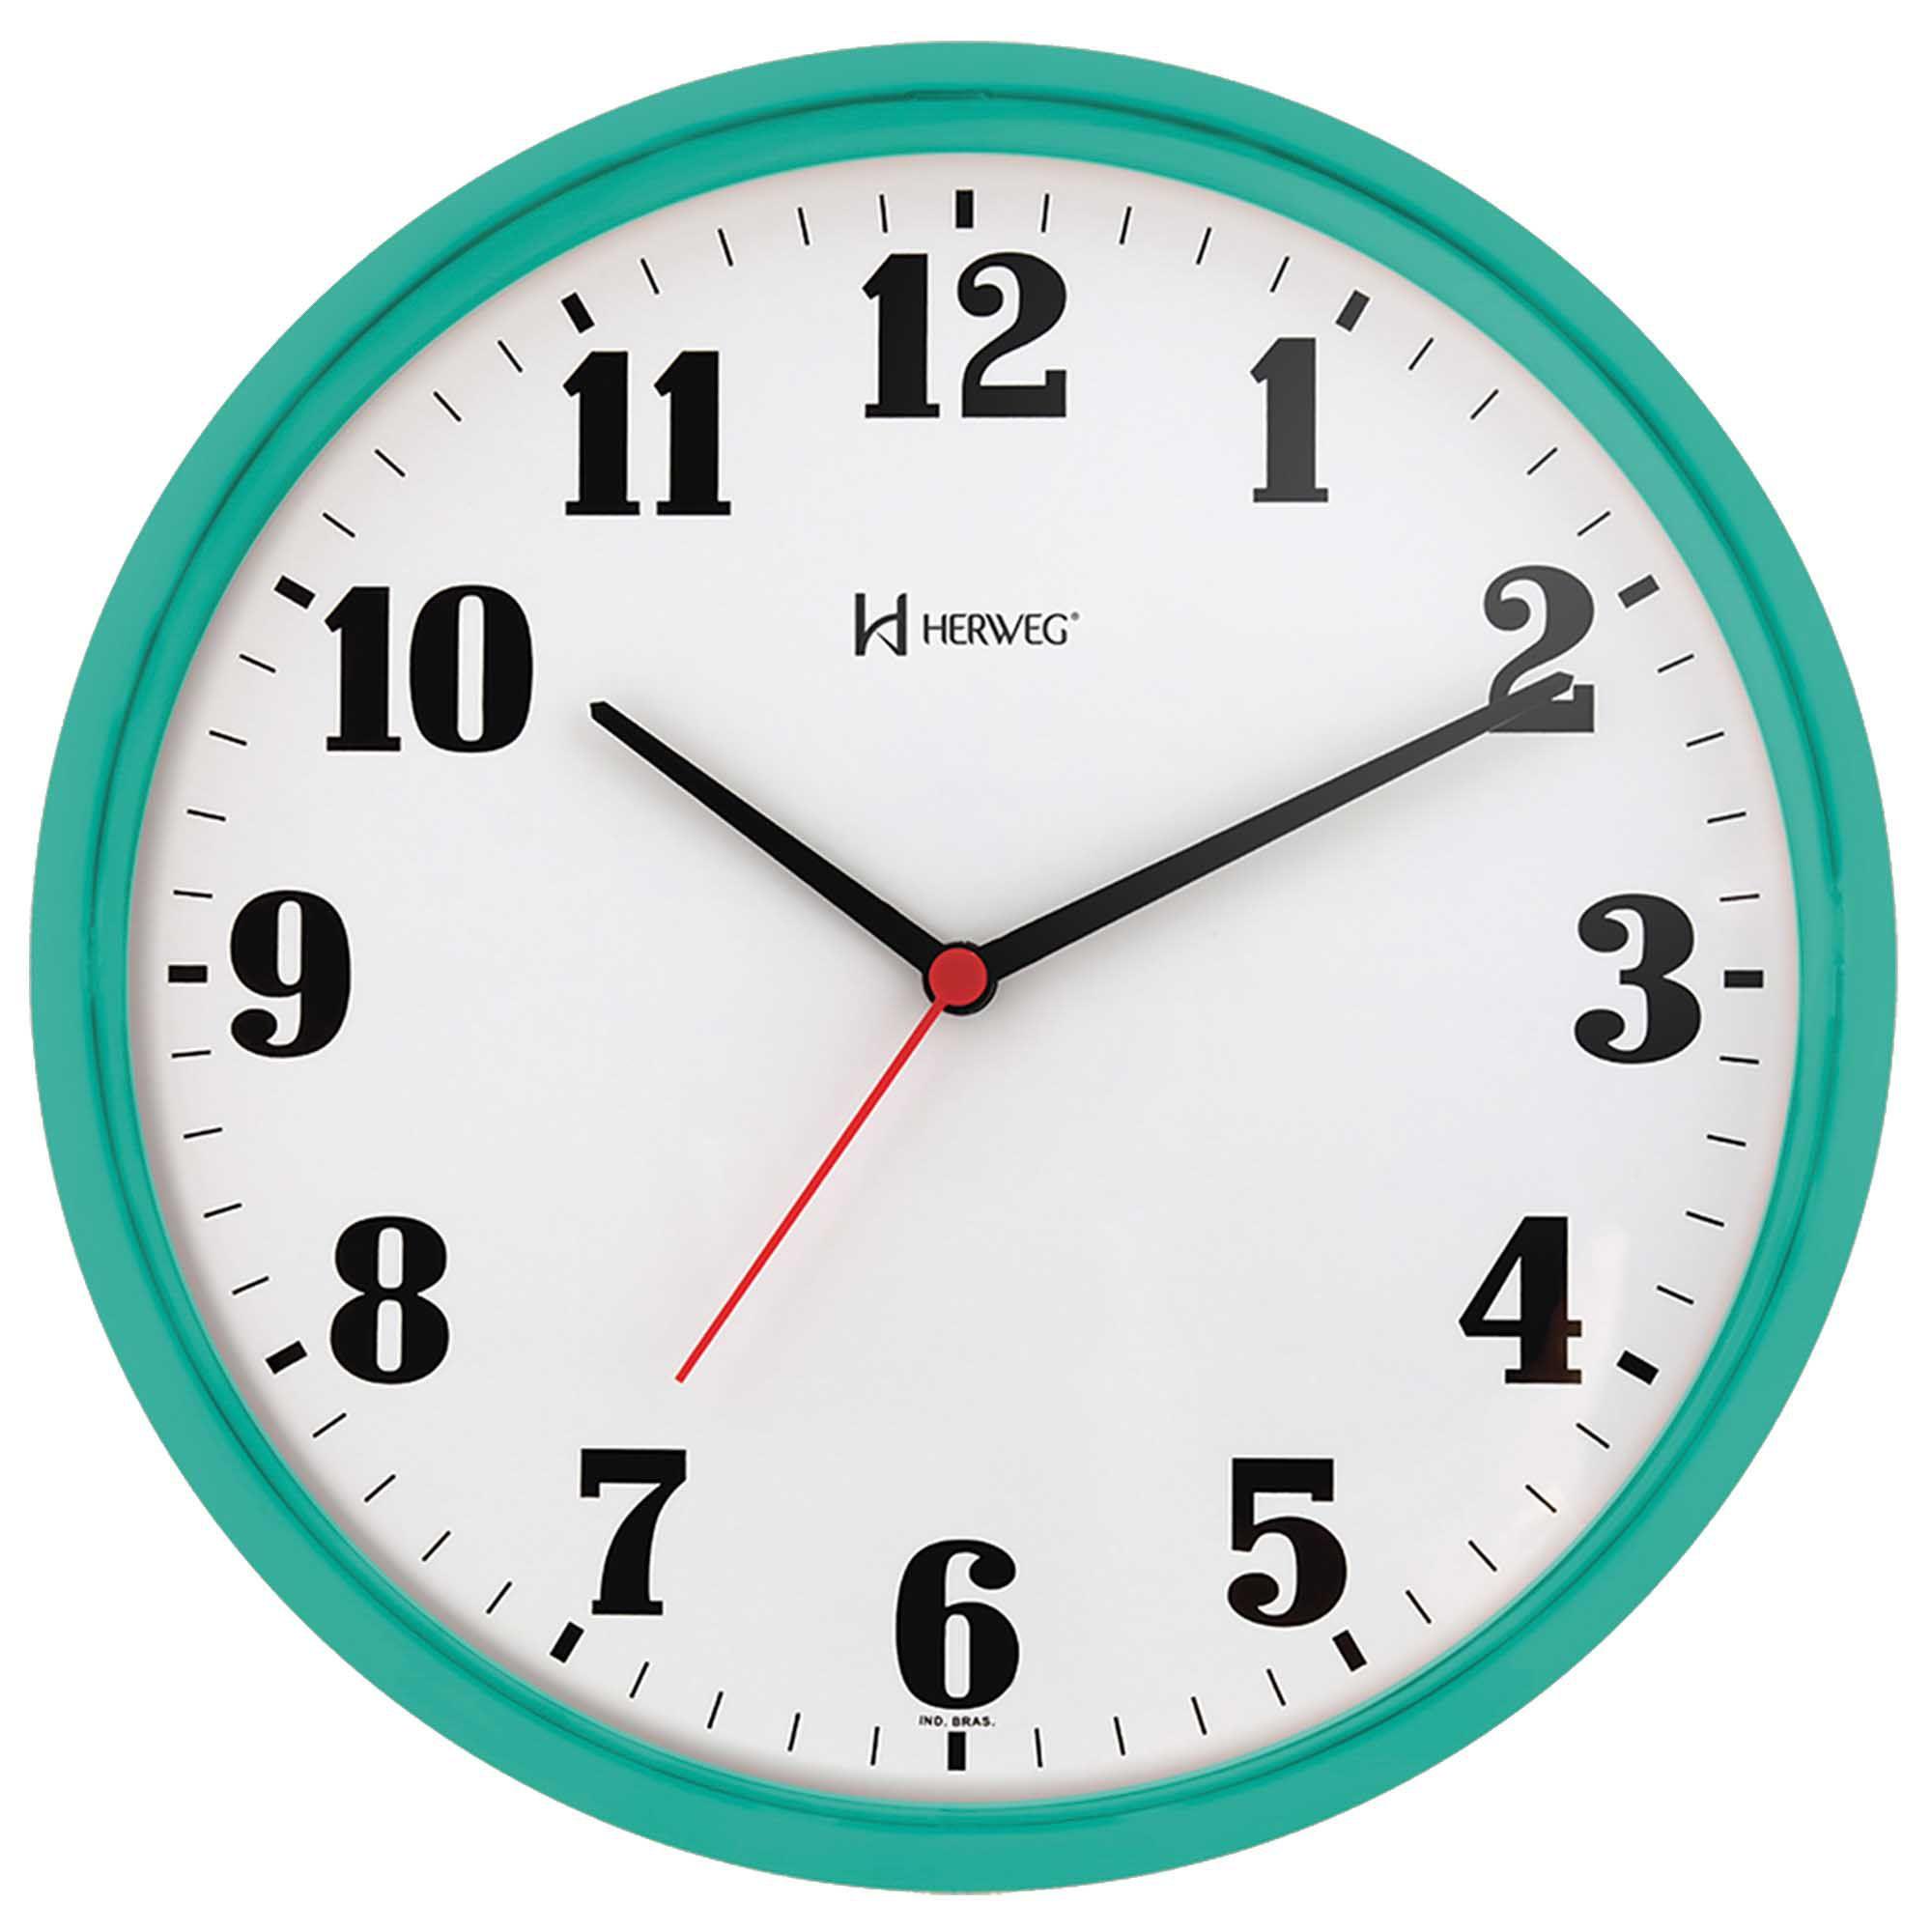 Relógio de Parede Analógico Herweg 6126 283 Menta